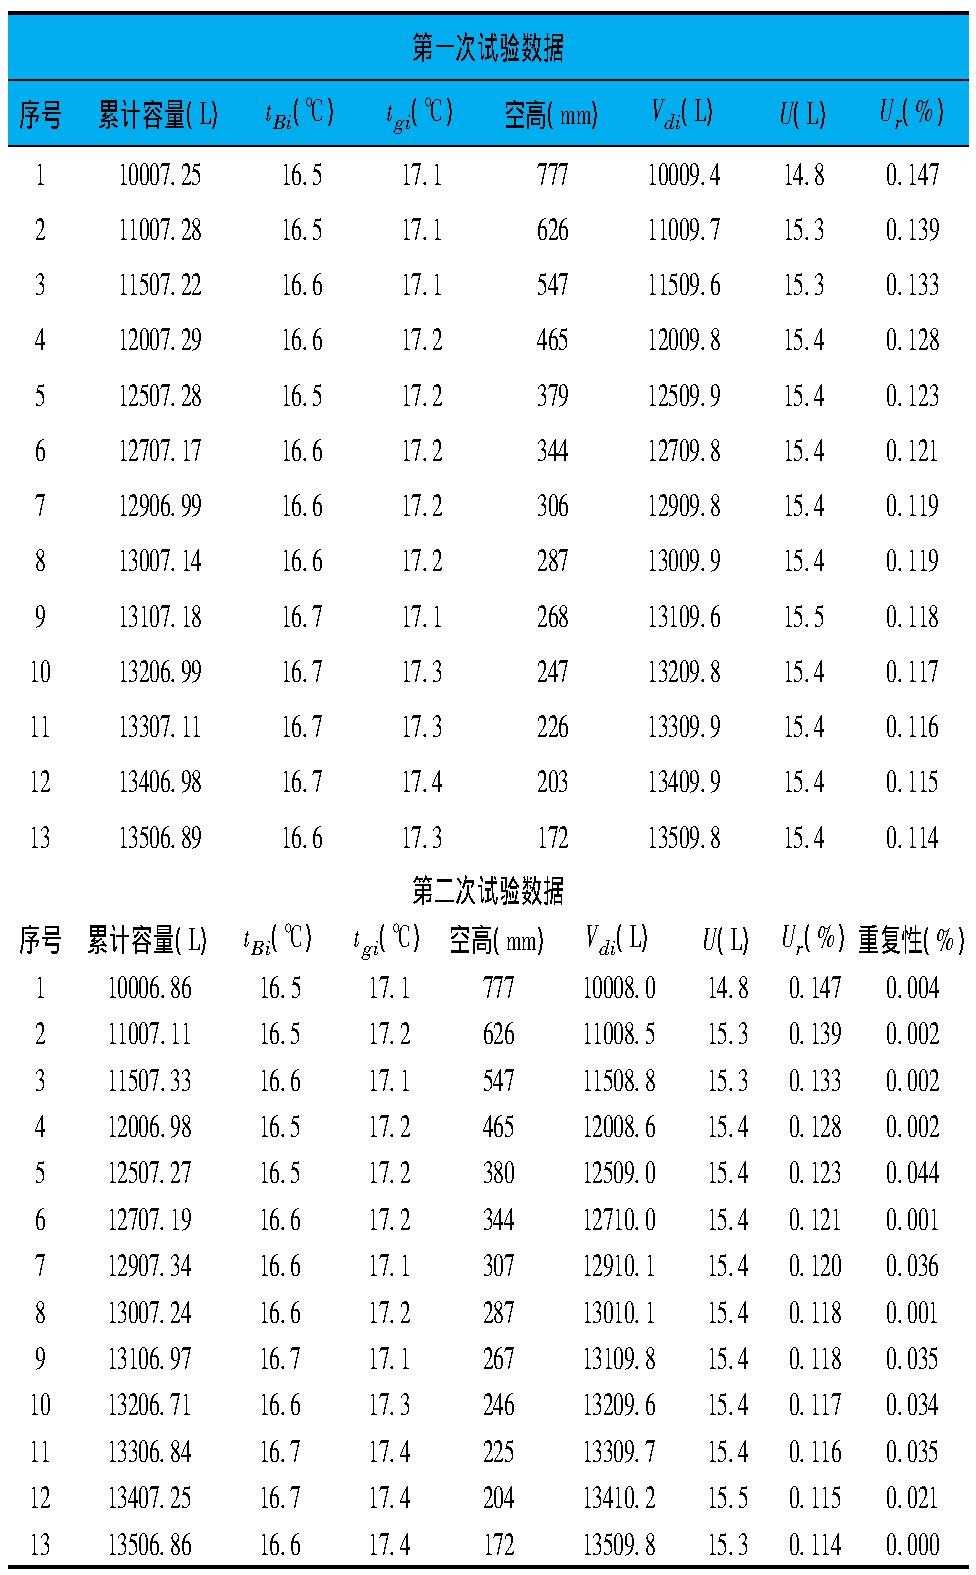 表1 试验数据